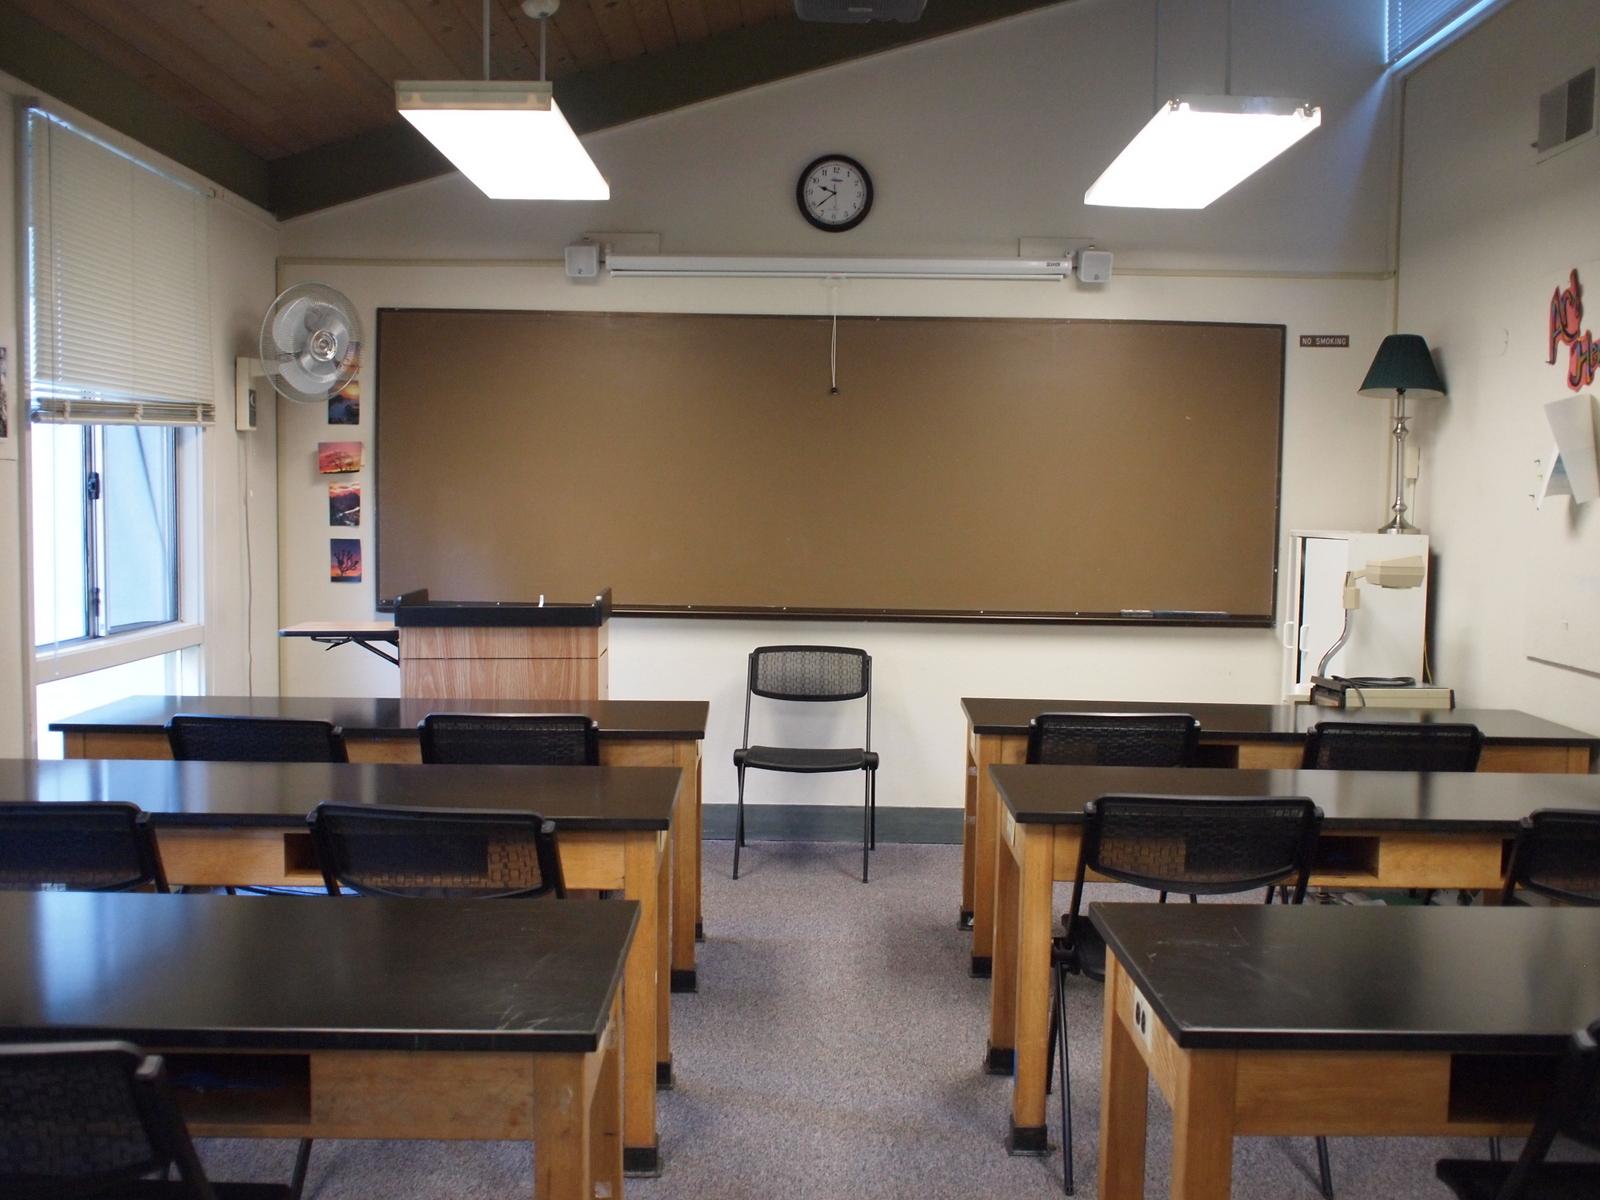 トーク・イングリッシュ・スクール サンフランシスコ校:イメージ